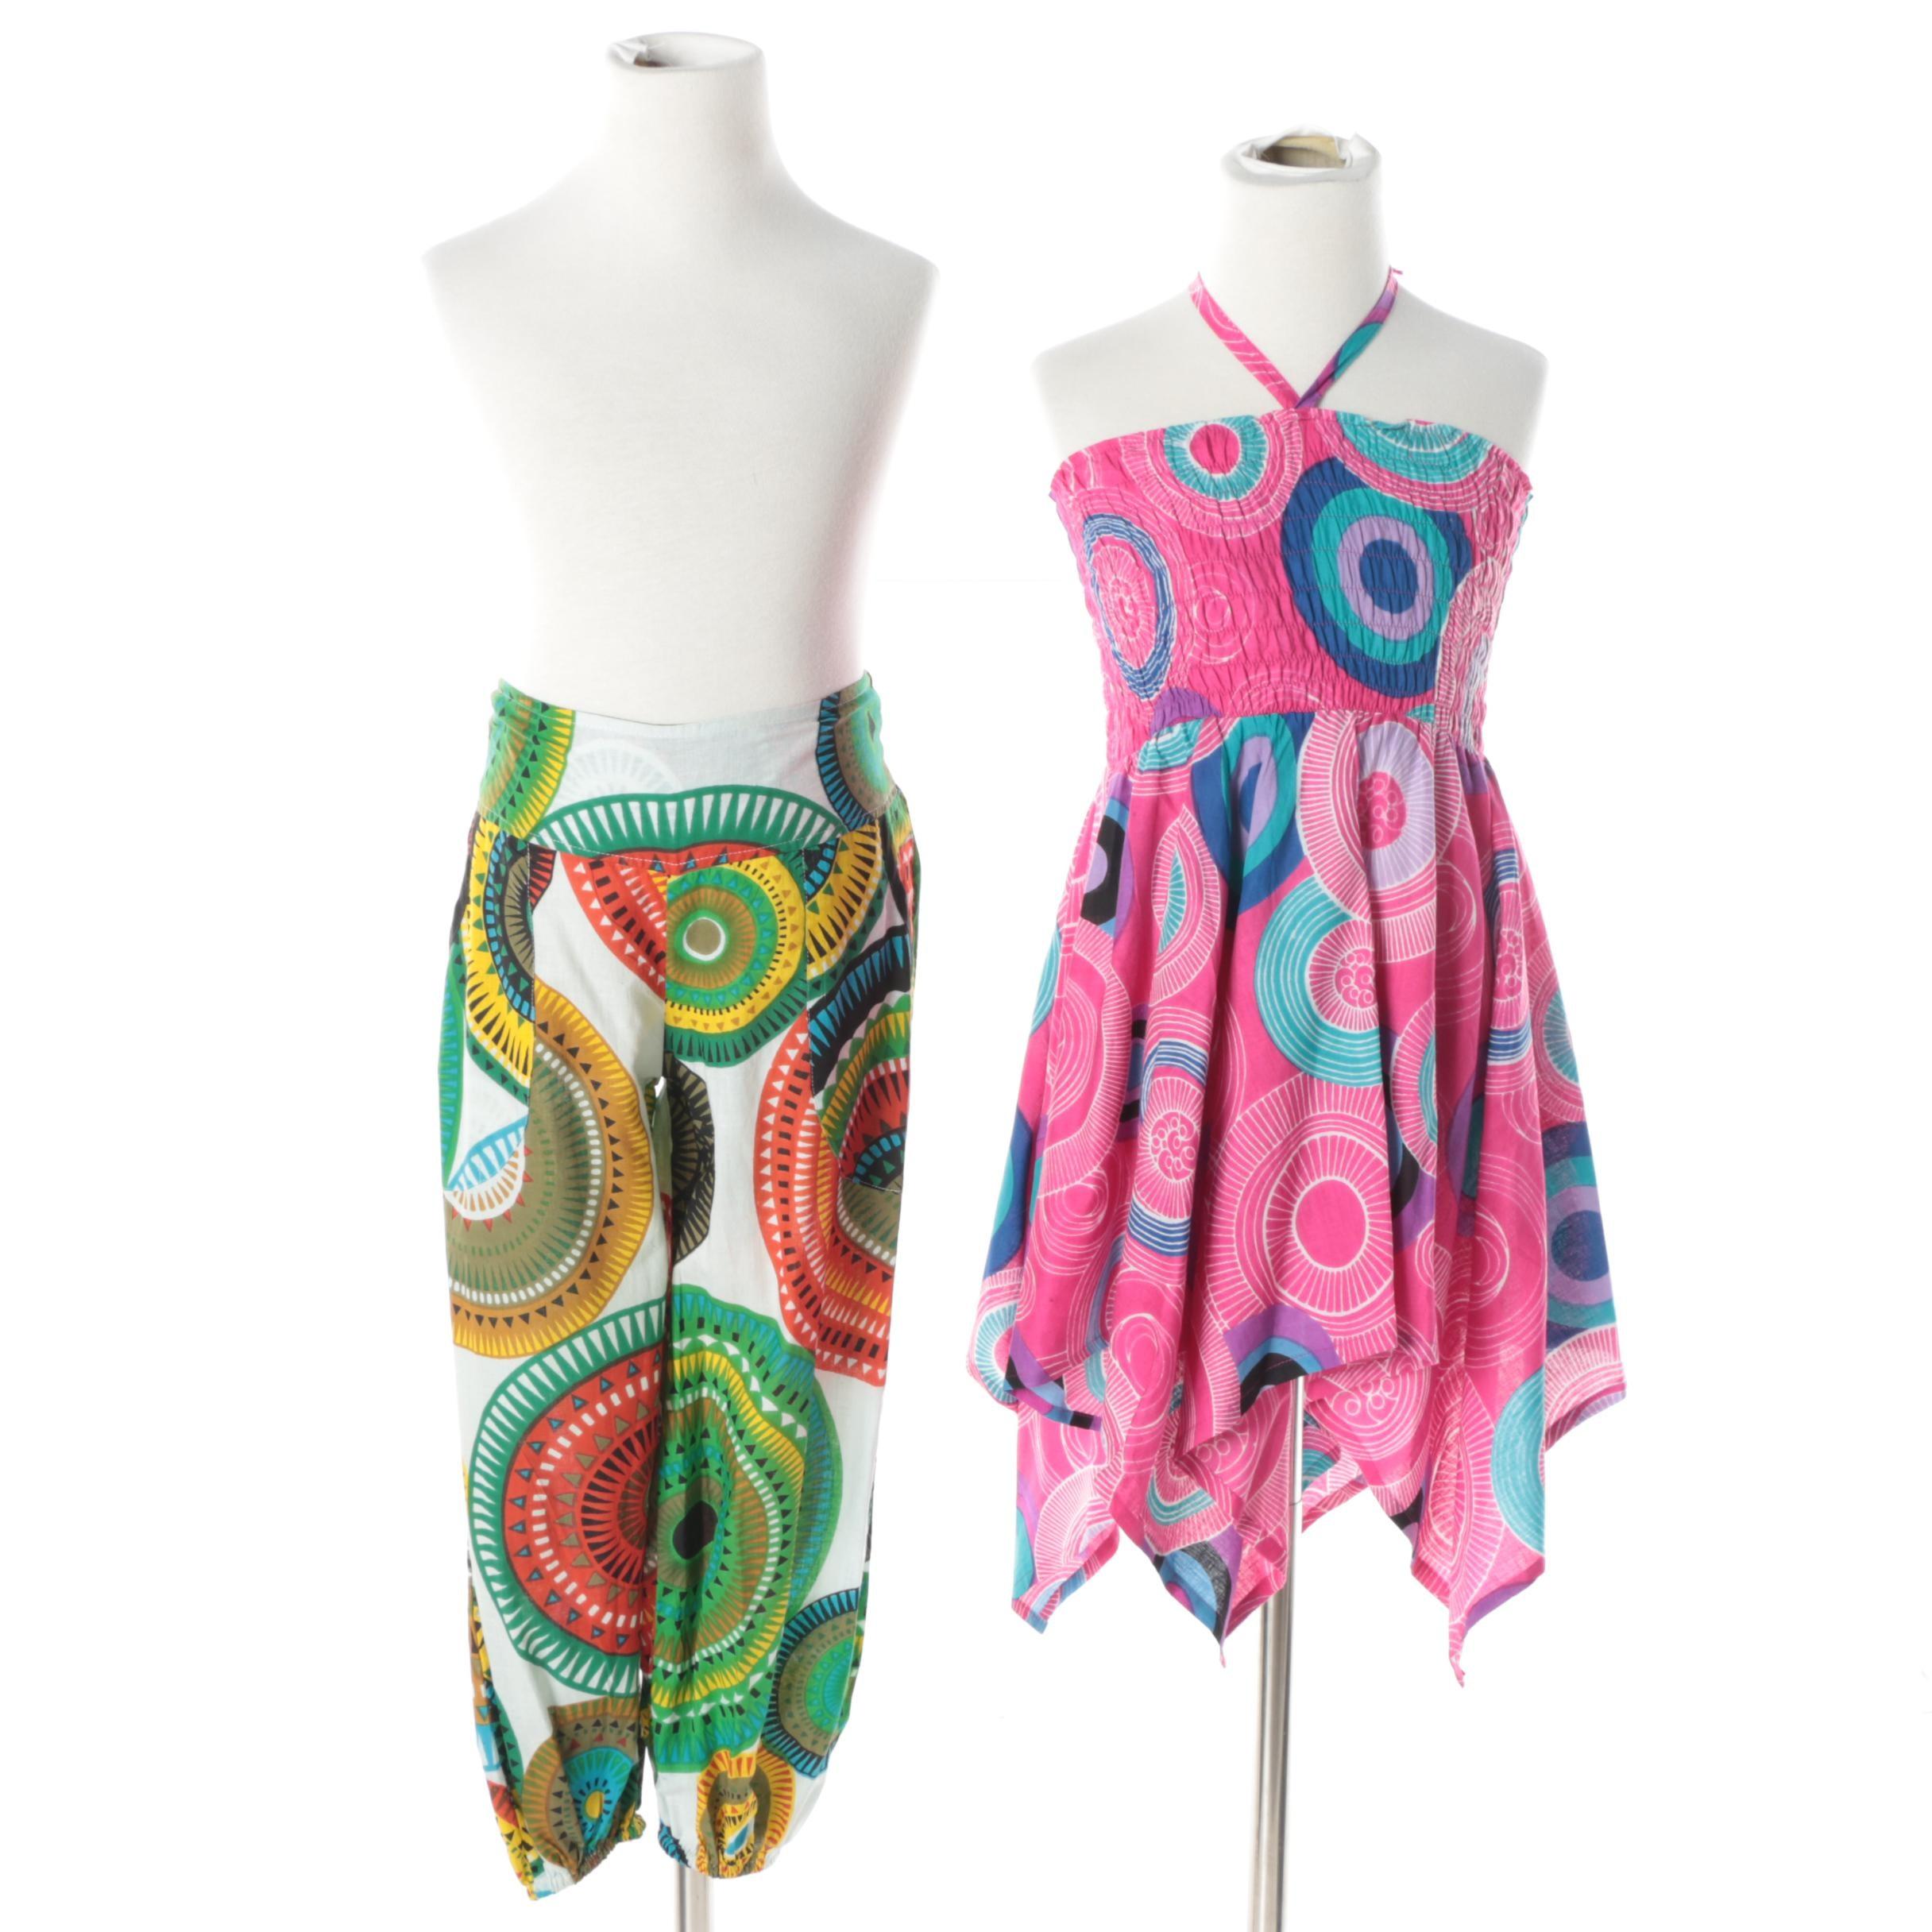 Girls' Aller Simplement Halter Dress and Harem Pants